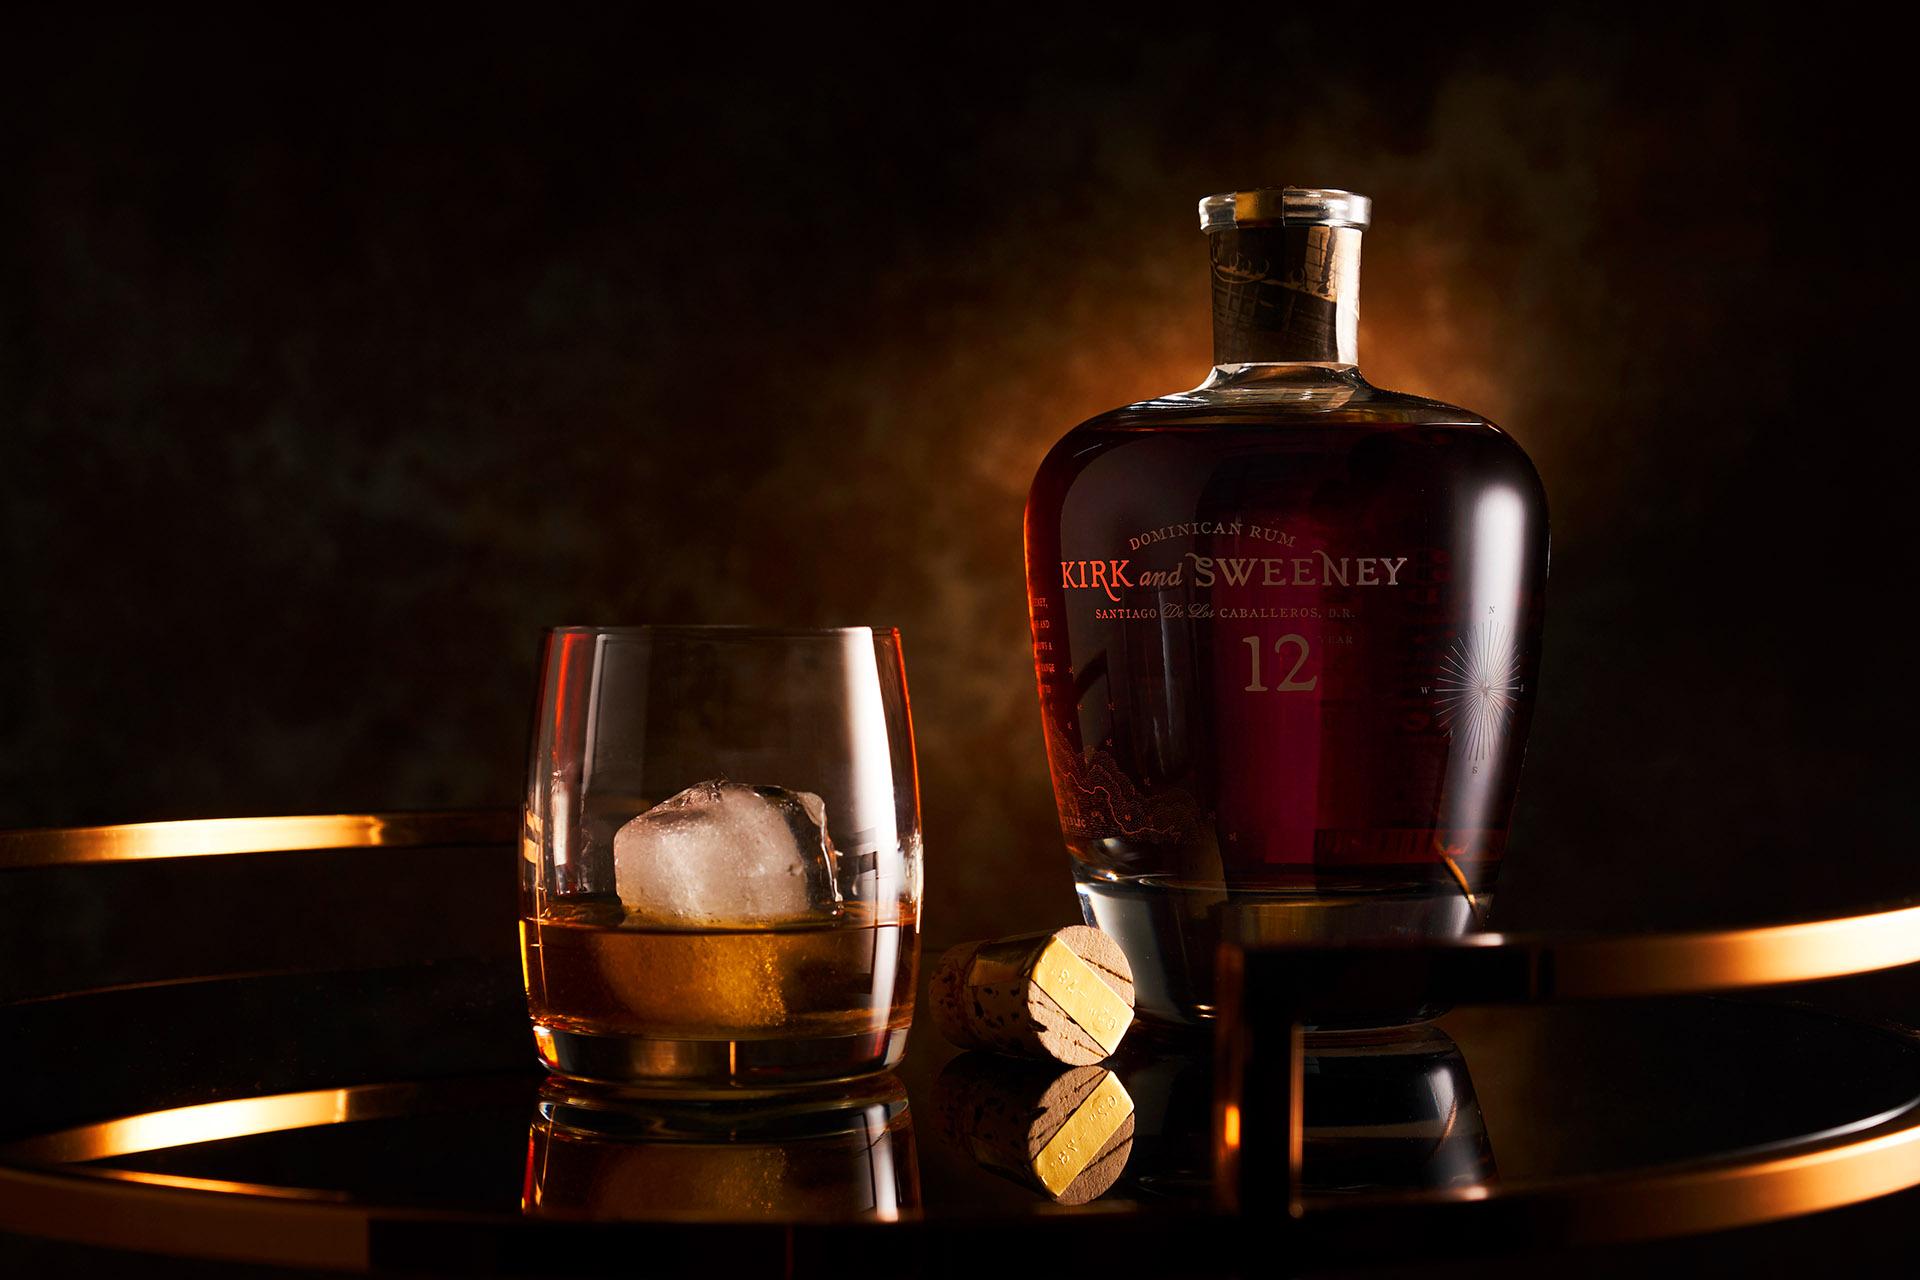 Kirk & Sweeney Domican Rum web.jpg